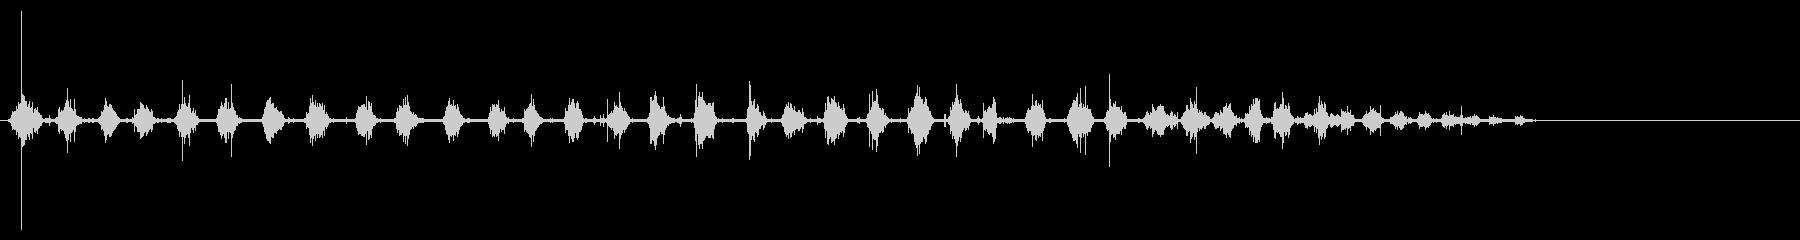 運動-動物-きしみ-人工の未再生の波形